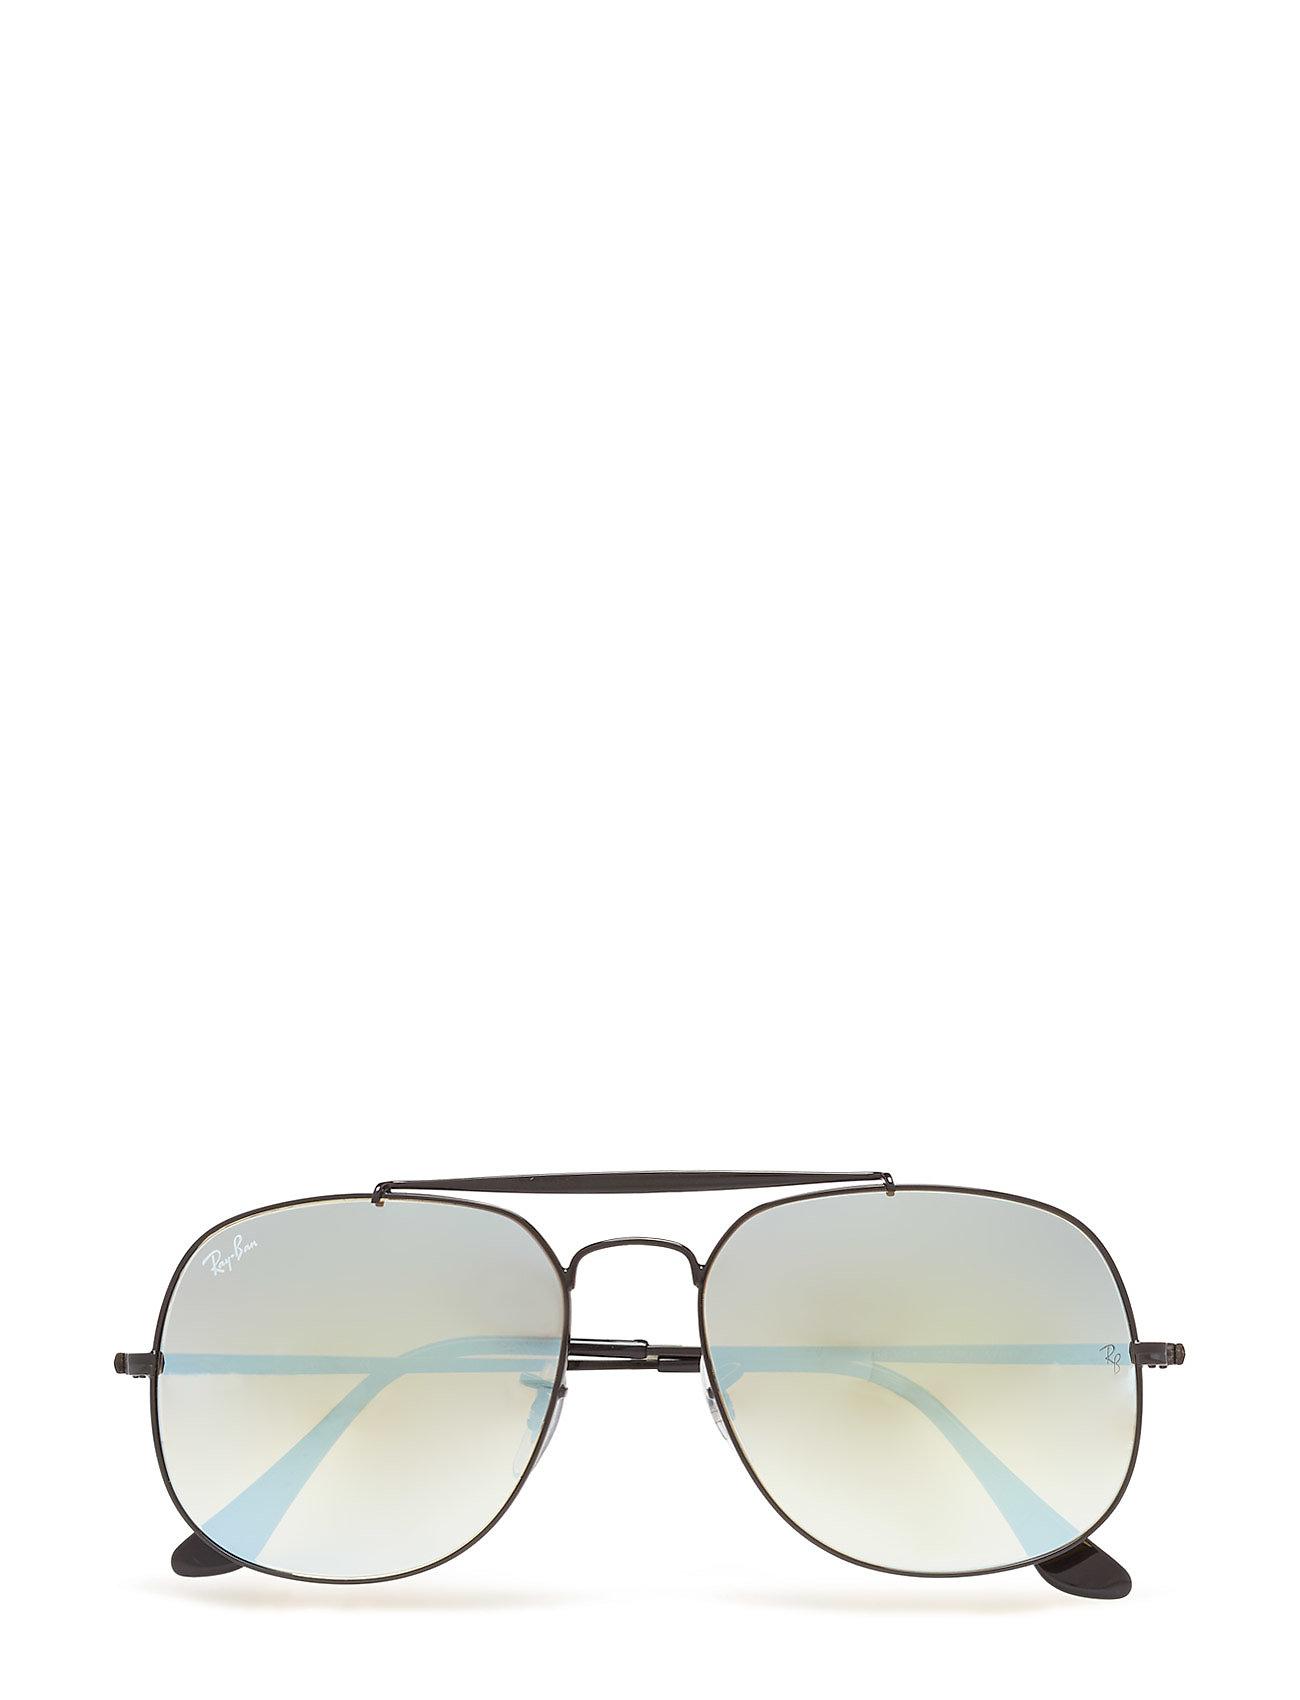 D-Frame Ray-Ban Solbriller til Herrer i Sort